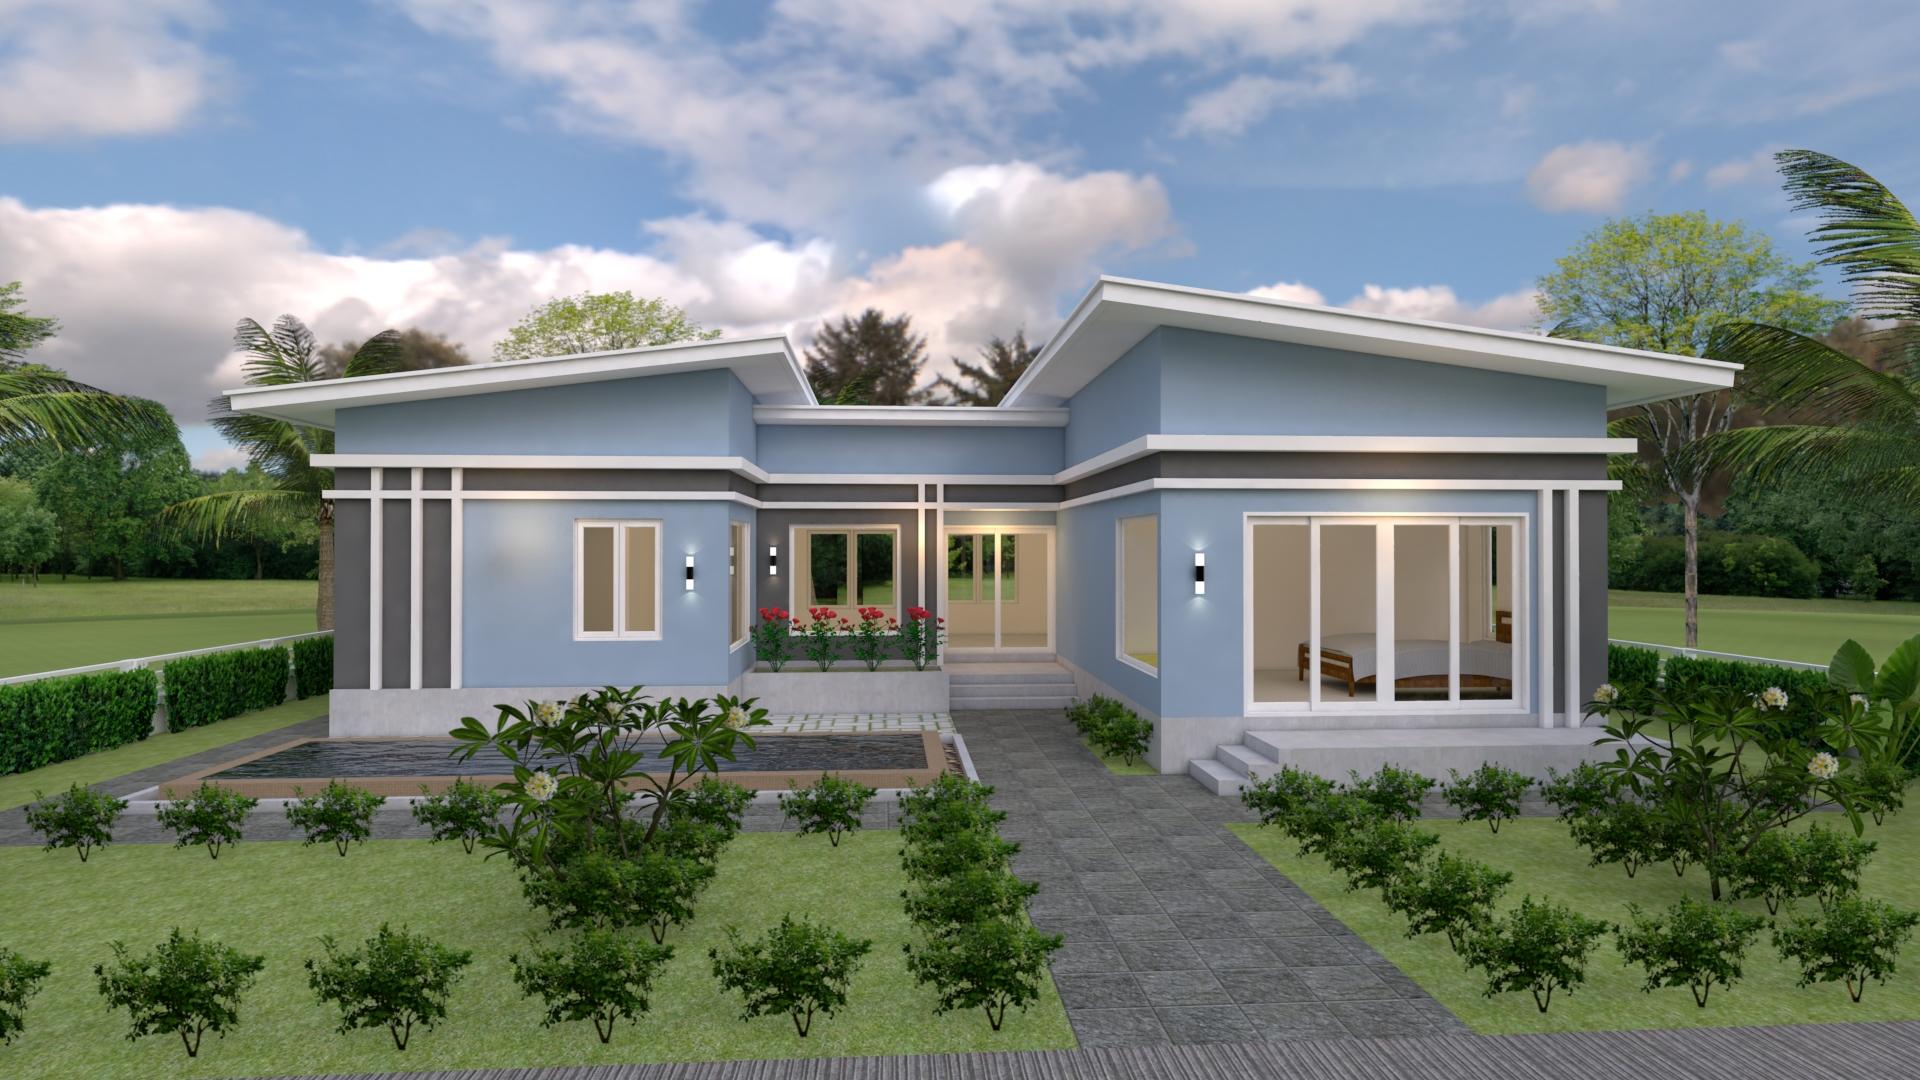 Rumah Minimalis Sederhana Dengan Konsep Desain Berbentuk U